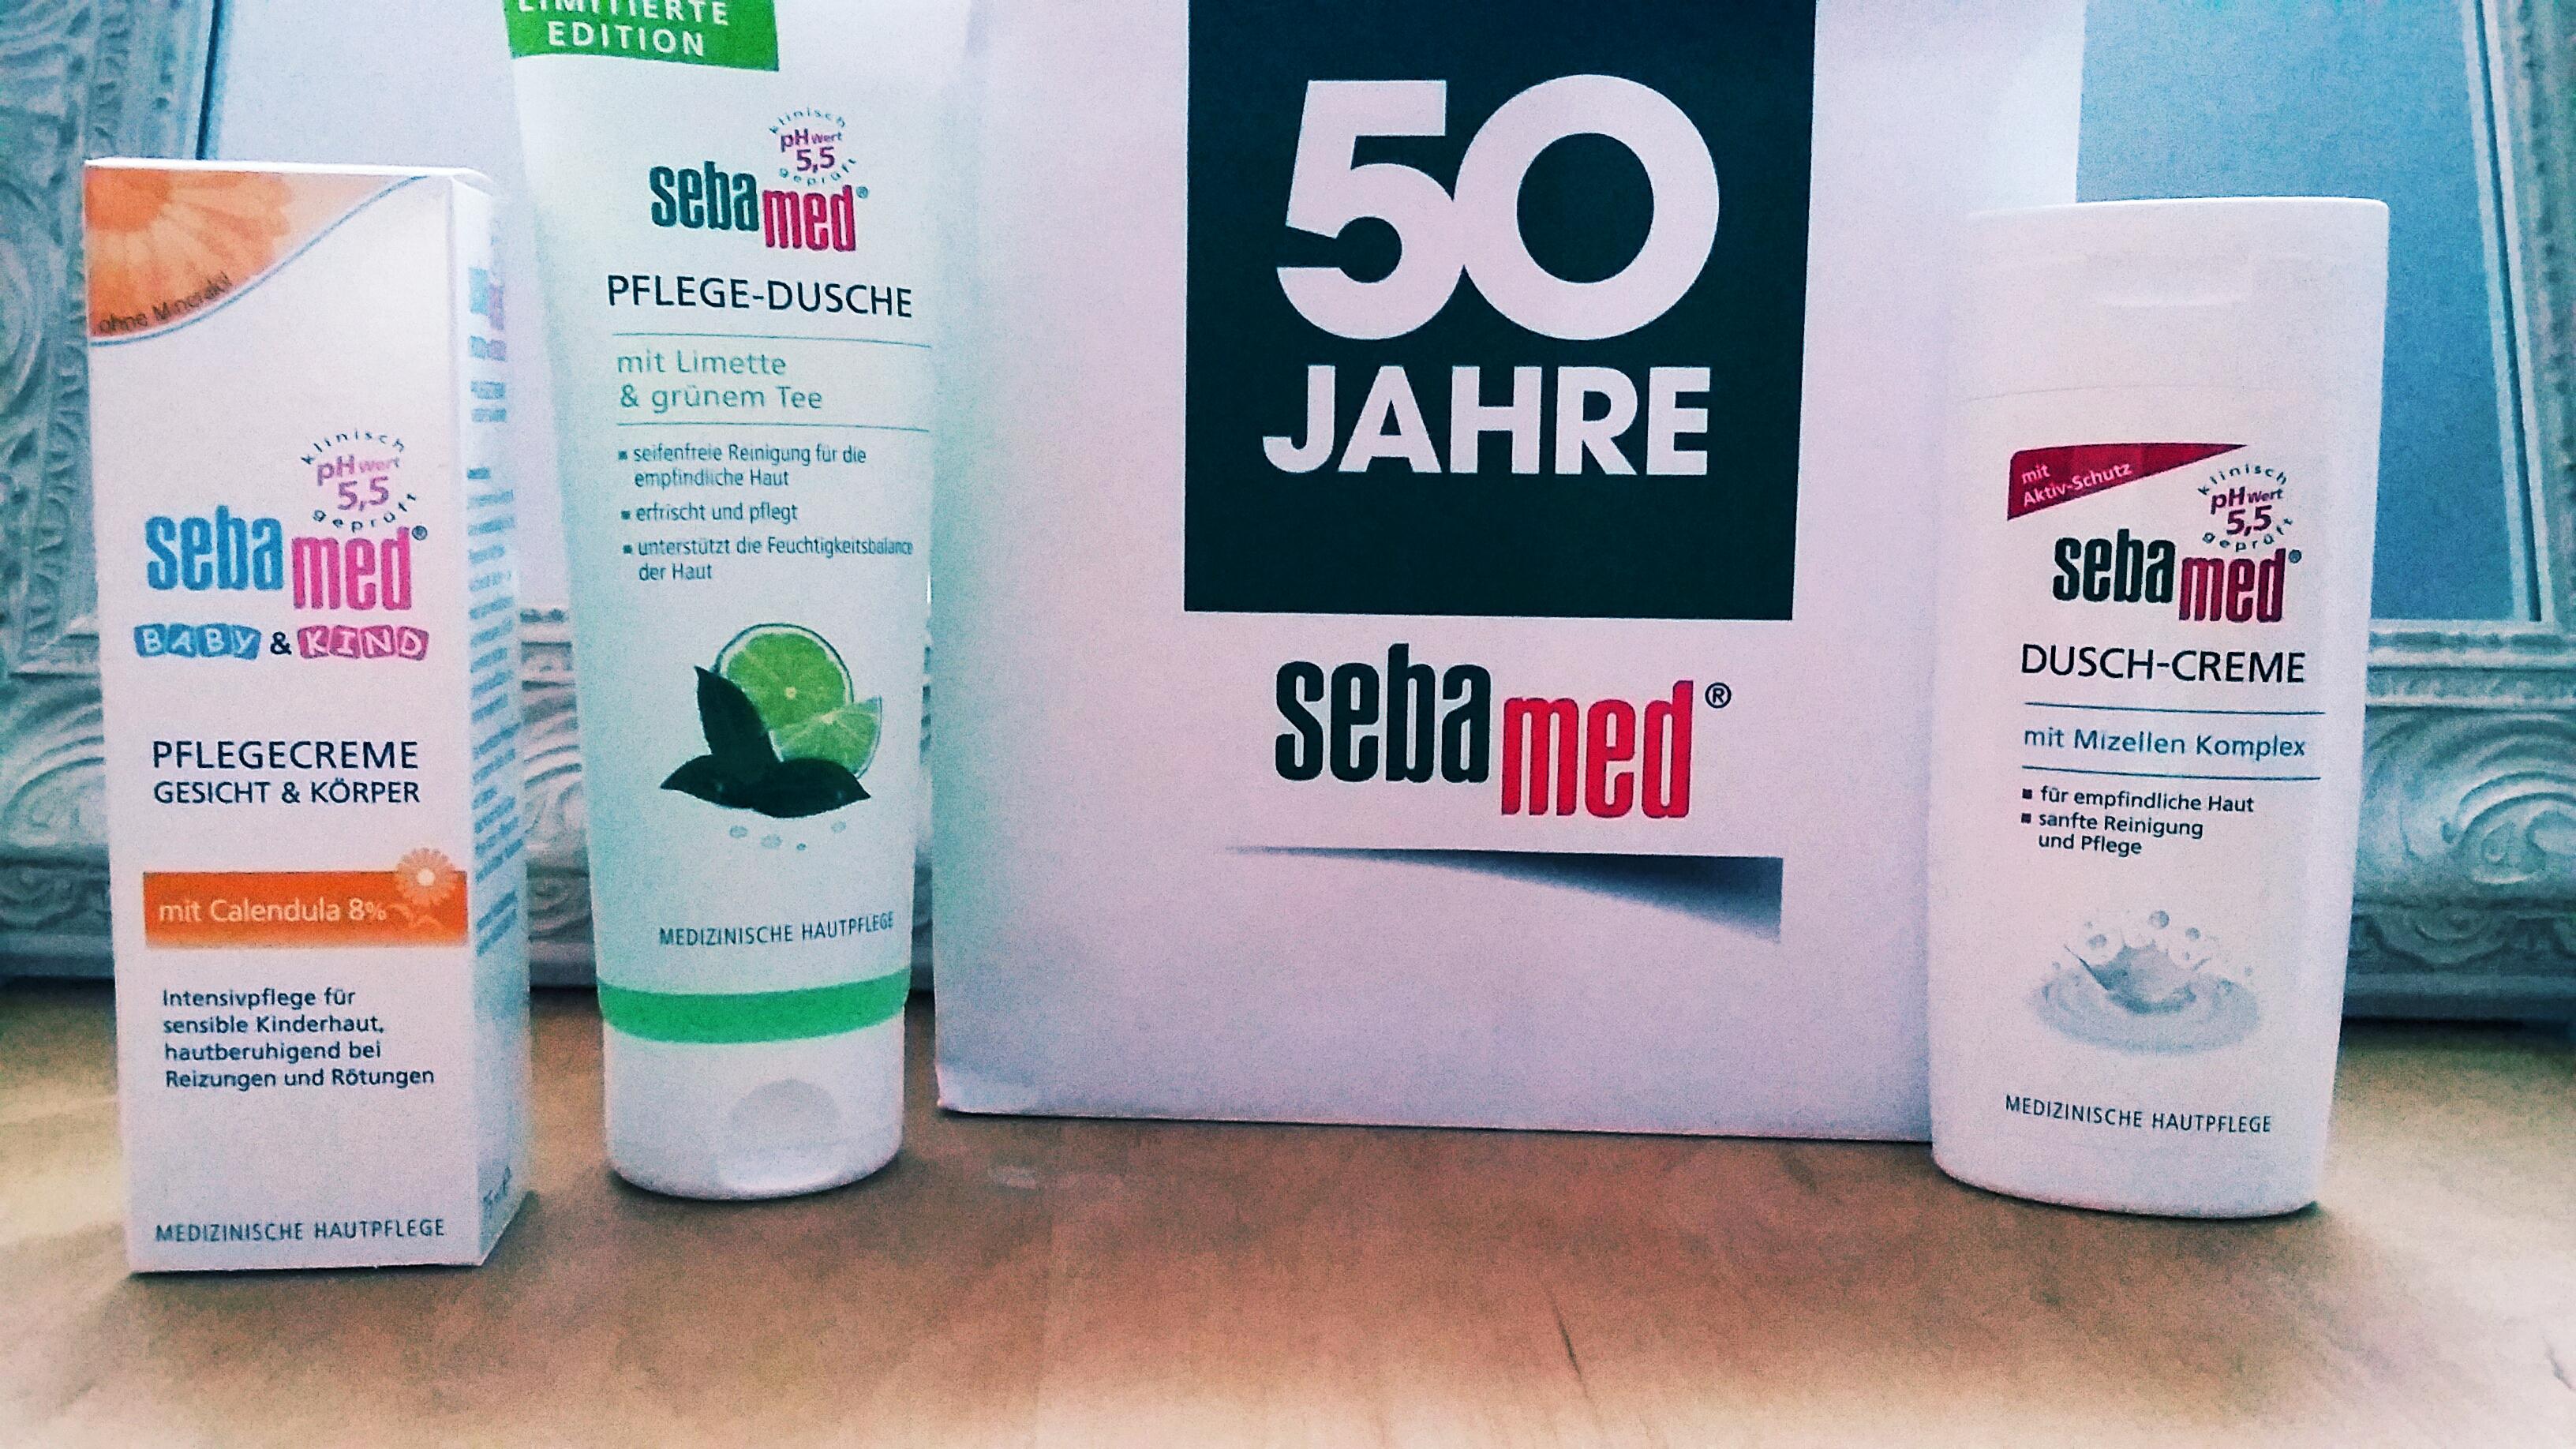 sebamed wird 50 Jahre – das wird gefeiert mit vielen neuen Produkten!